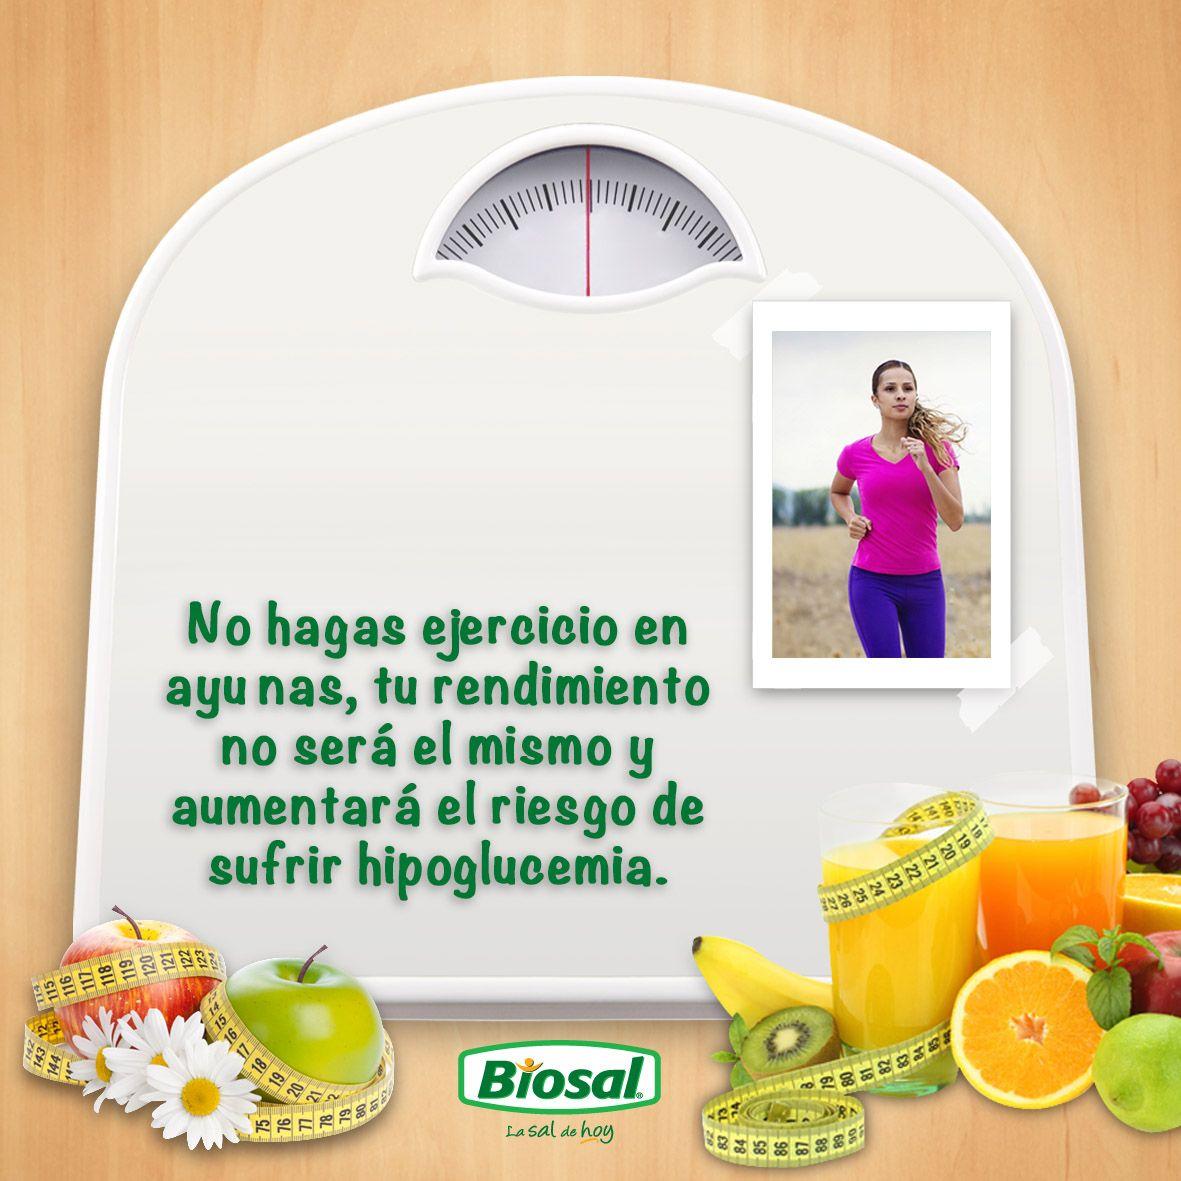 Te traemos los errores más comunes que se cometen al hacer actividad física. http://www.hoycambio.com/articulos/1/459/errores_mas_comunes_de_hacer_actividad_fisica._.html